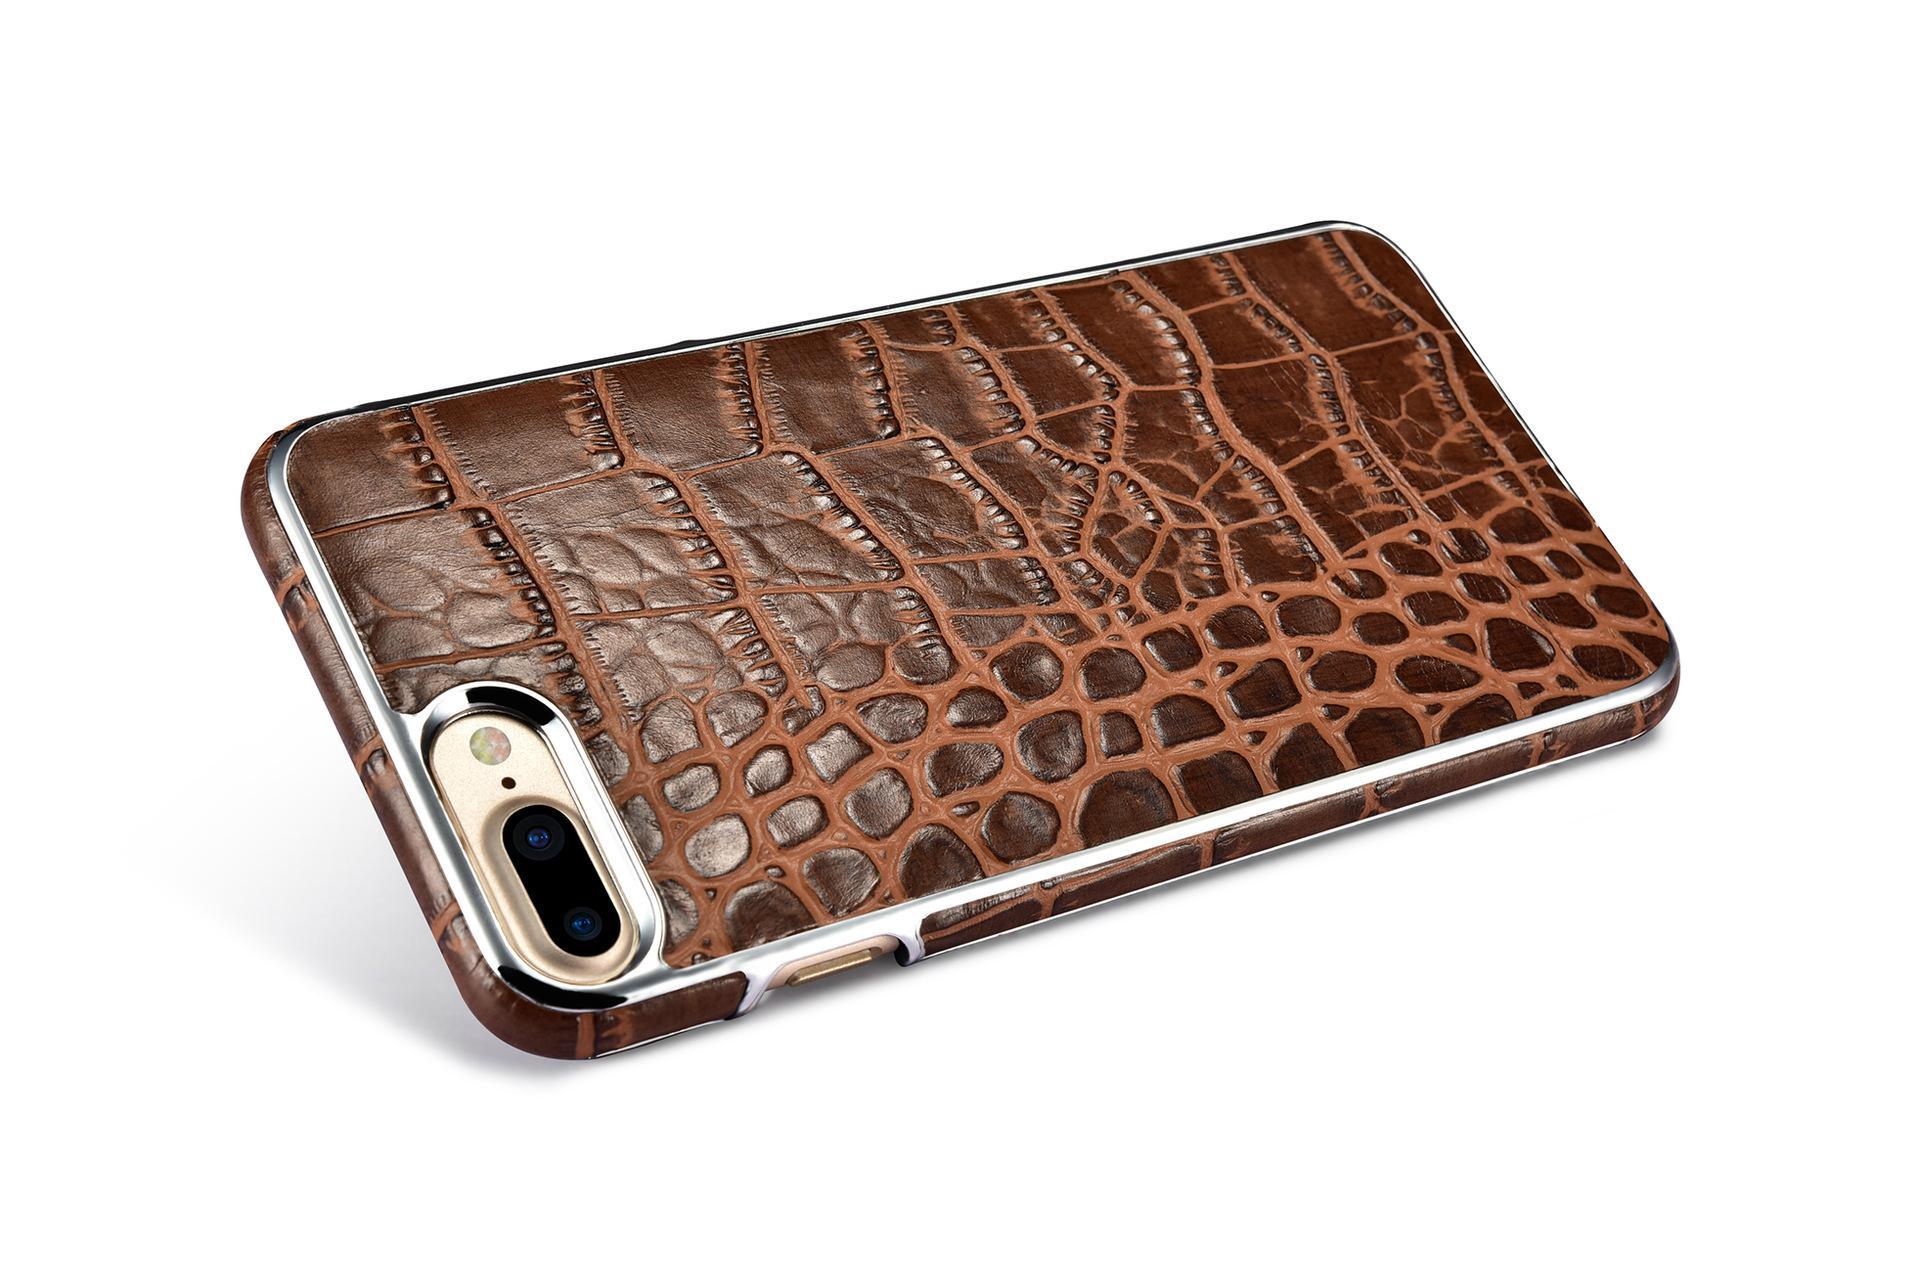 Xoomz iPhone 7 Plus Crocodile Pattern Back Case 9